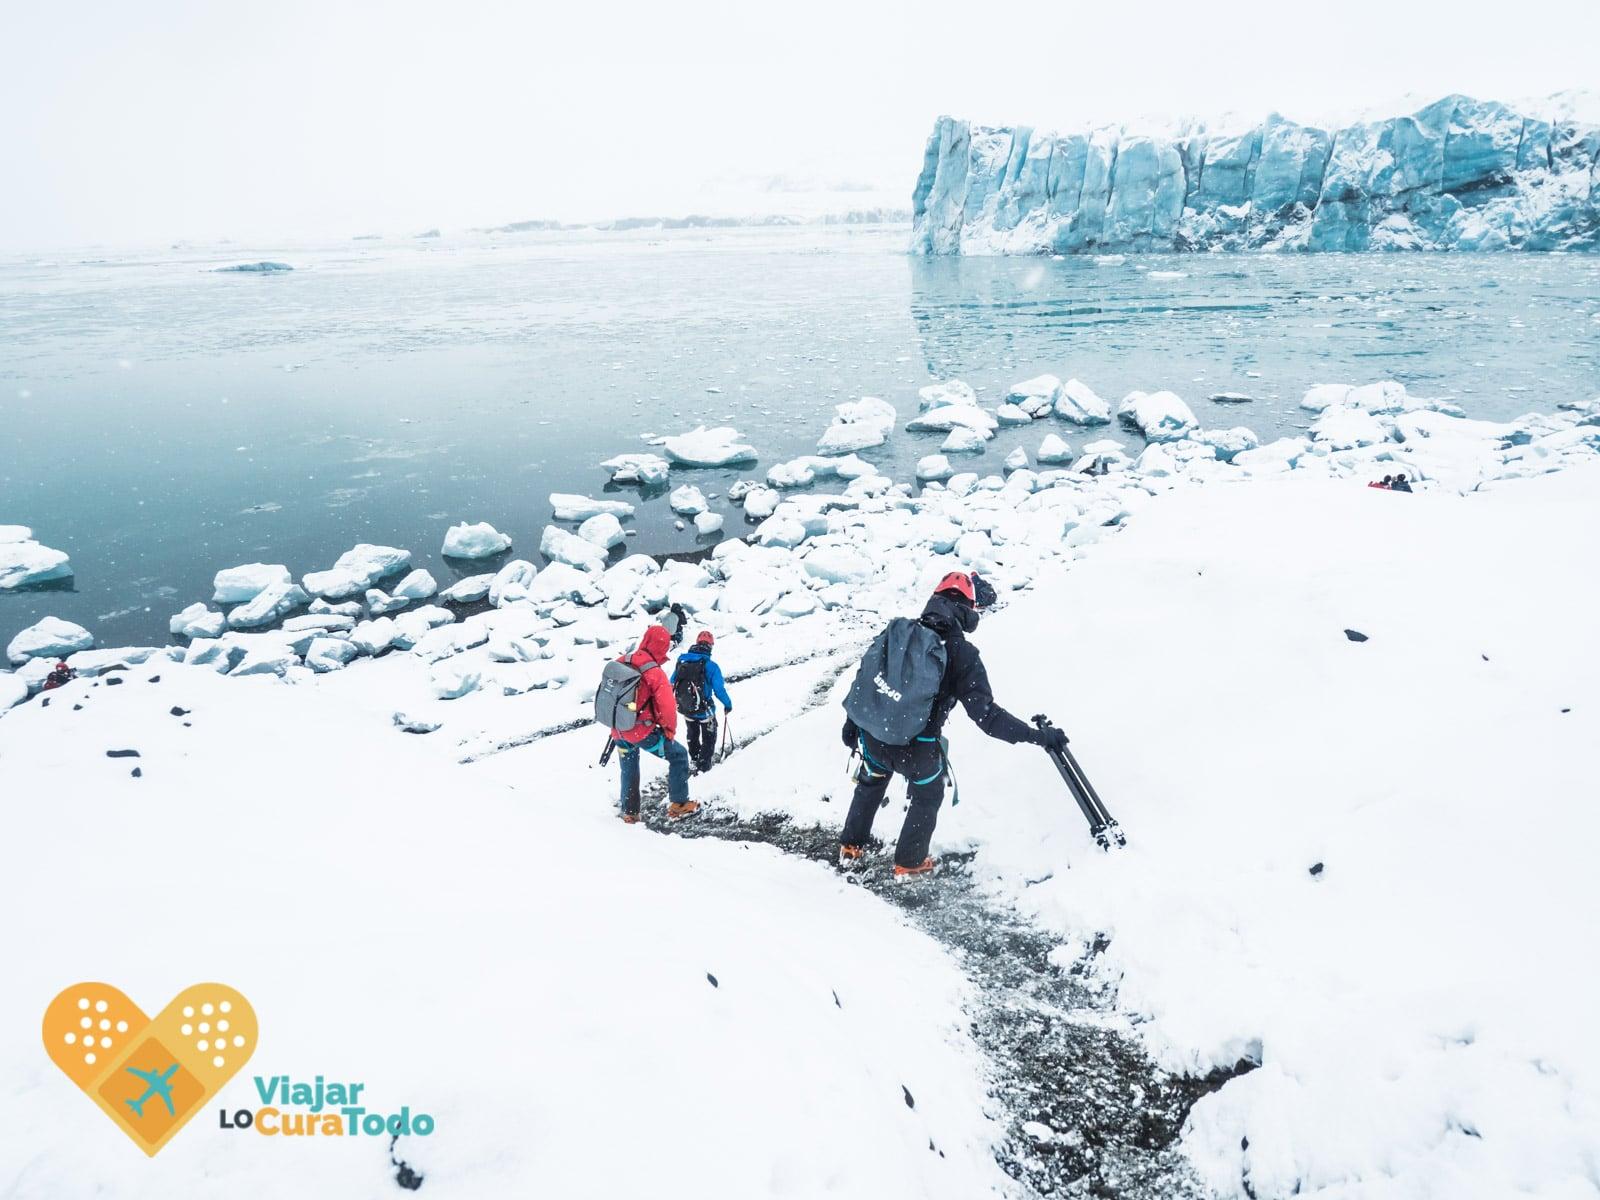 jokursarlon cueva de hielo